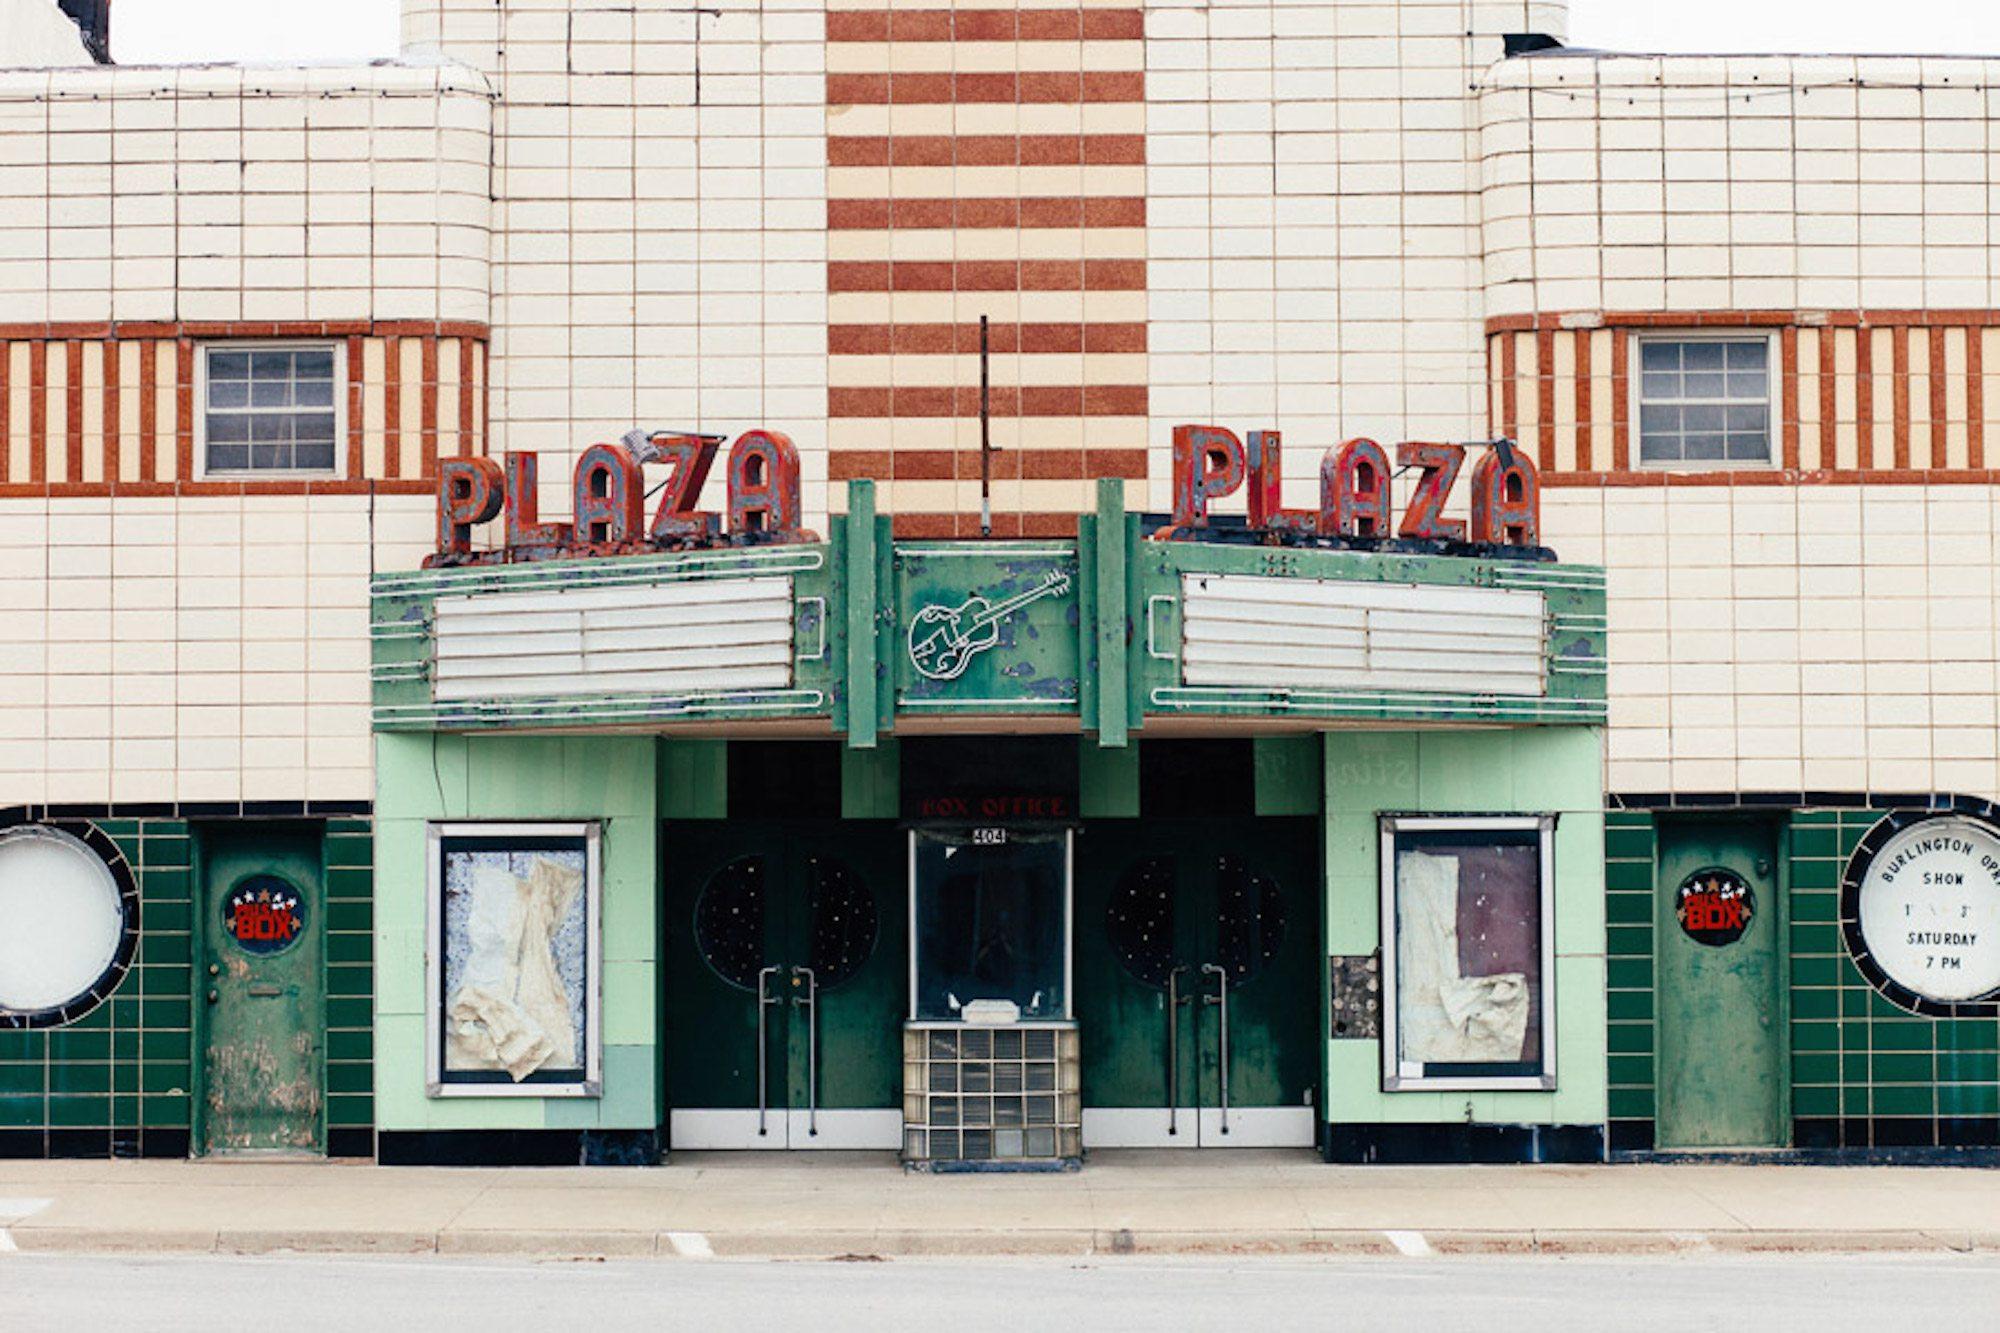 PlazaTheatre_Burlington_KS